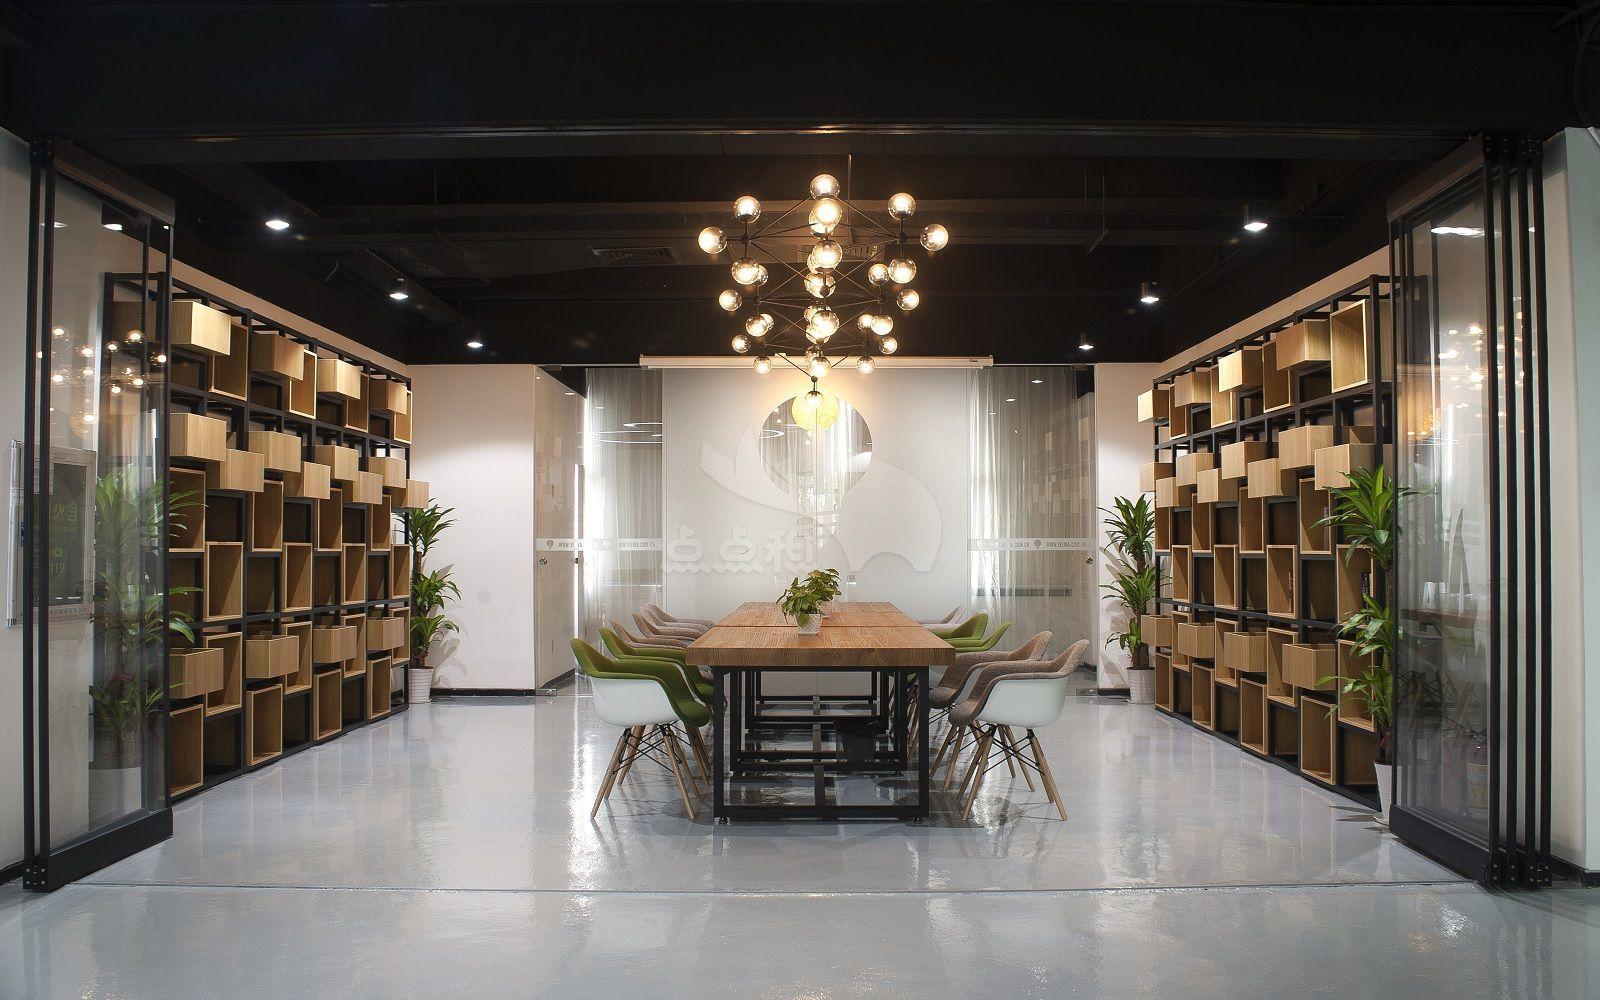 壹瓦社区—华侨城创意园唯一LOFT精品创业空间